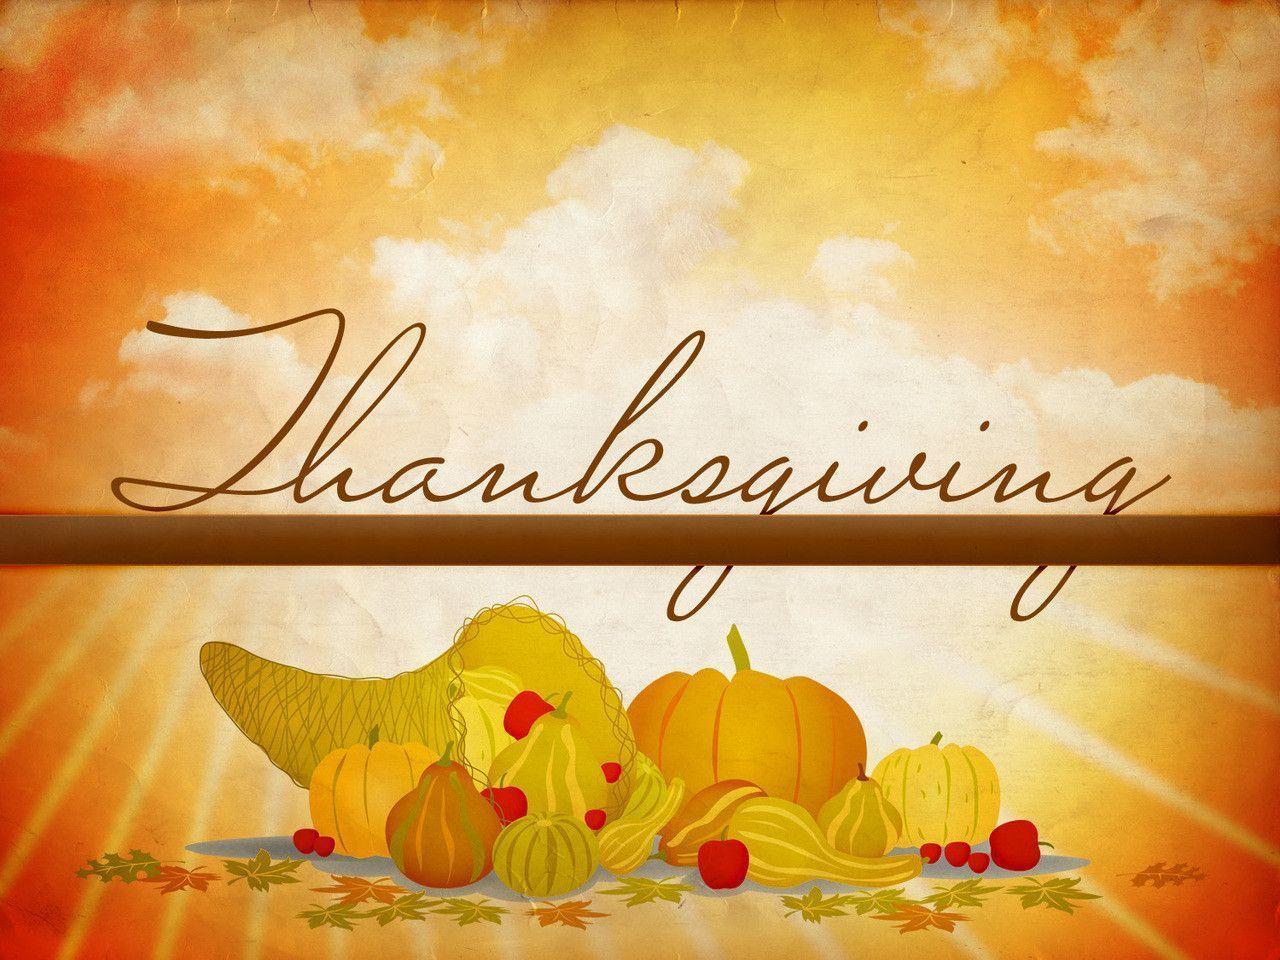 free fun thanksgiving wallpapers - photo #7